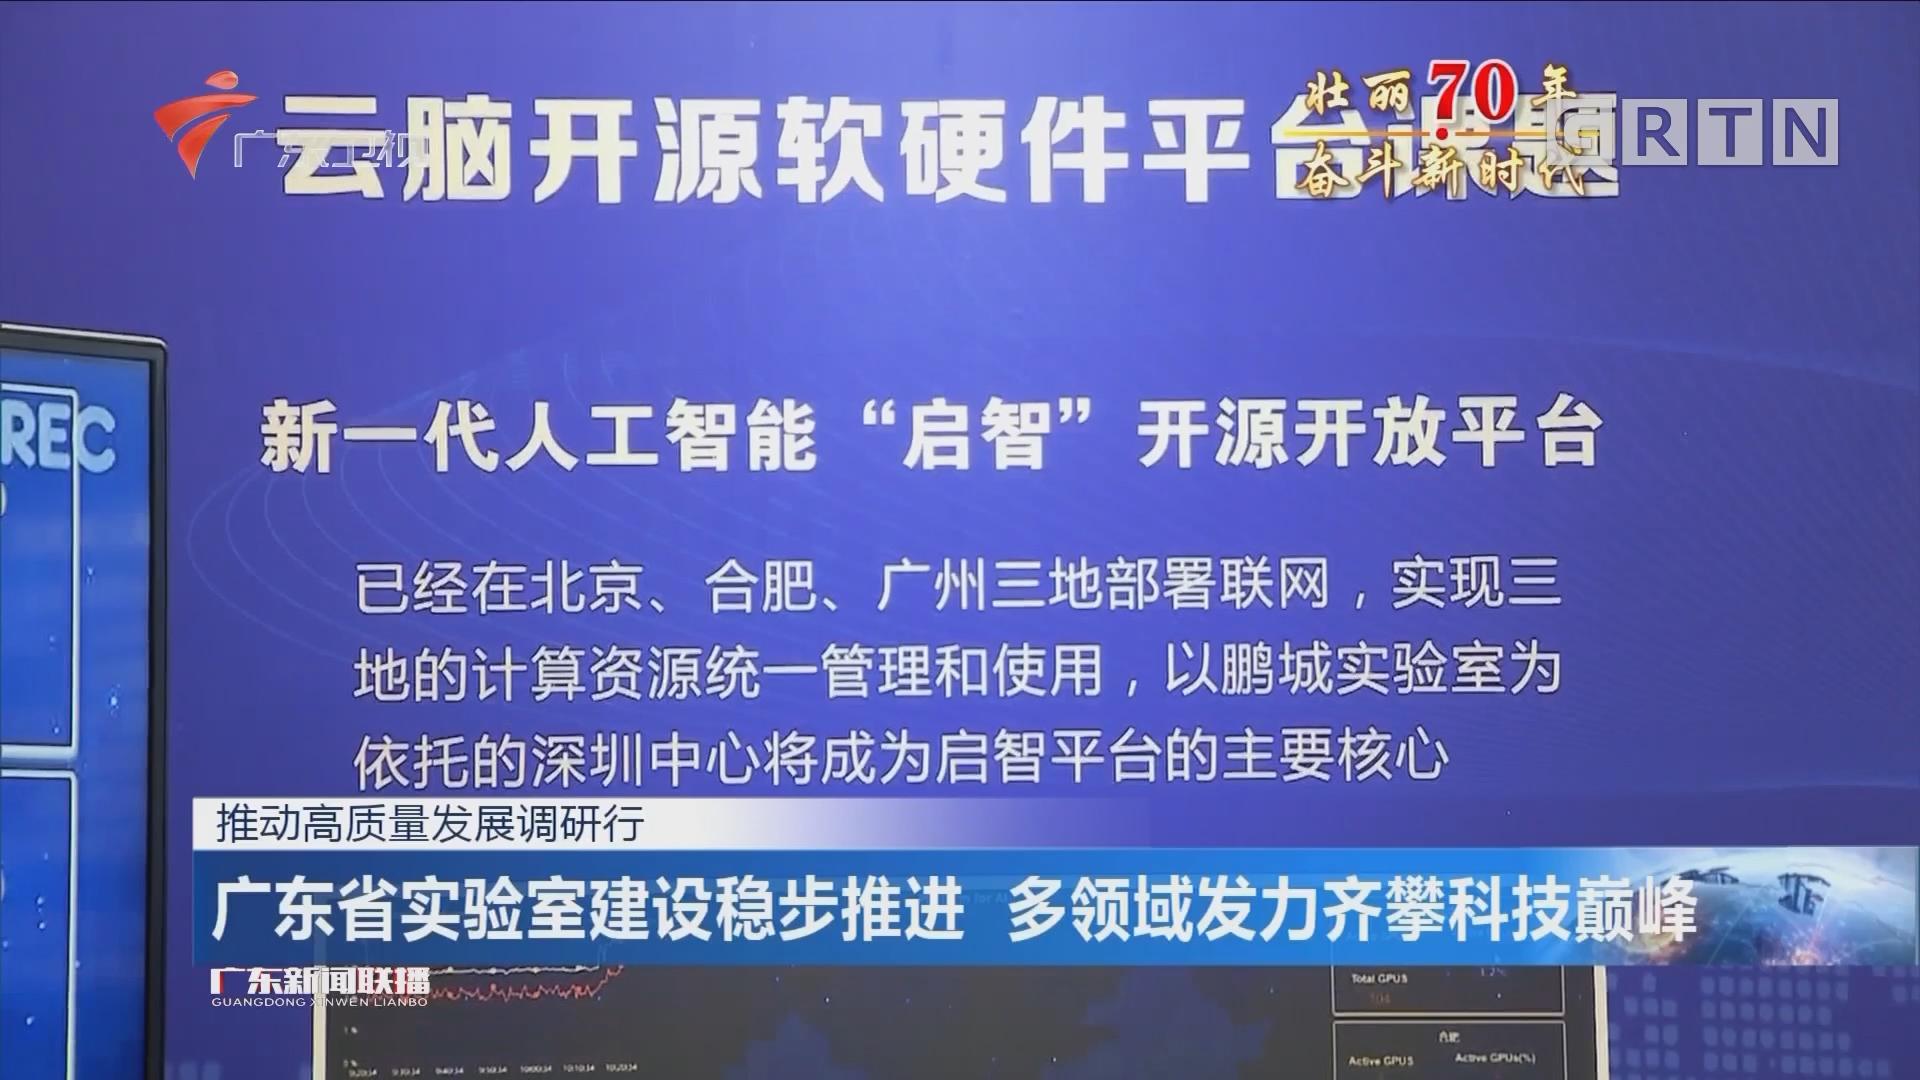 广东省实验室建设稳步推进 多领域发力齐攀科技巅峰